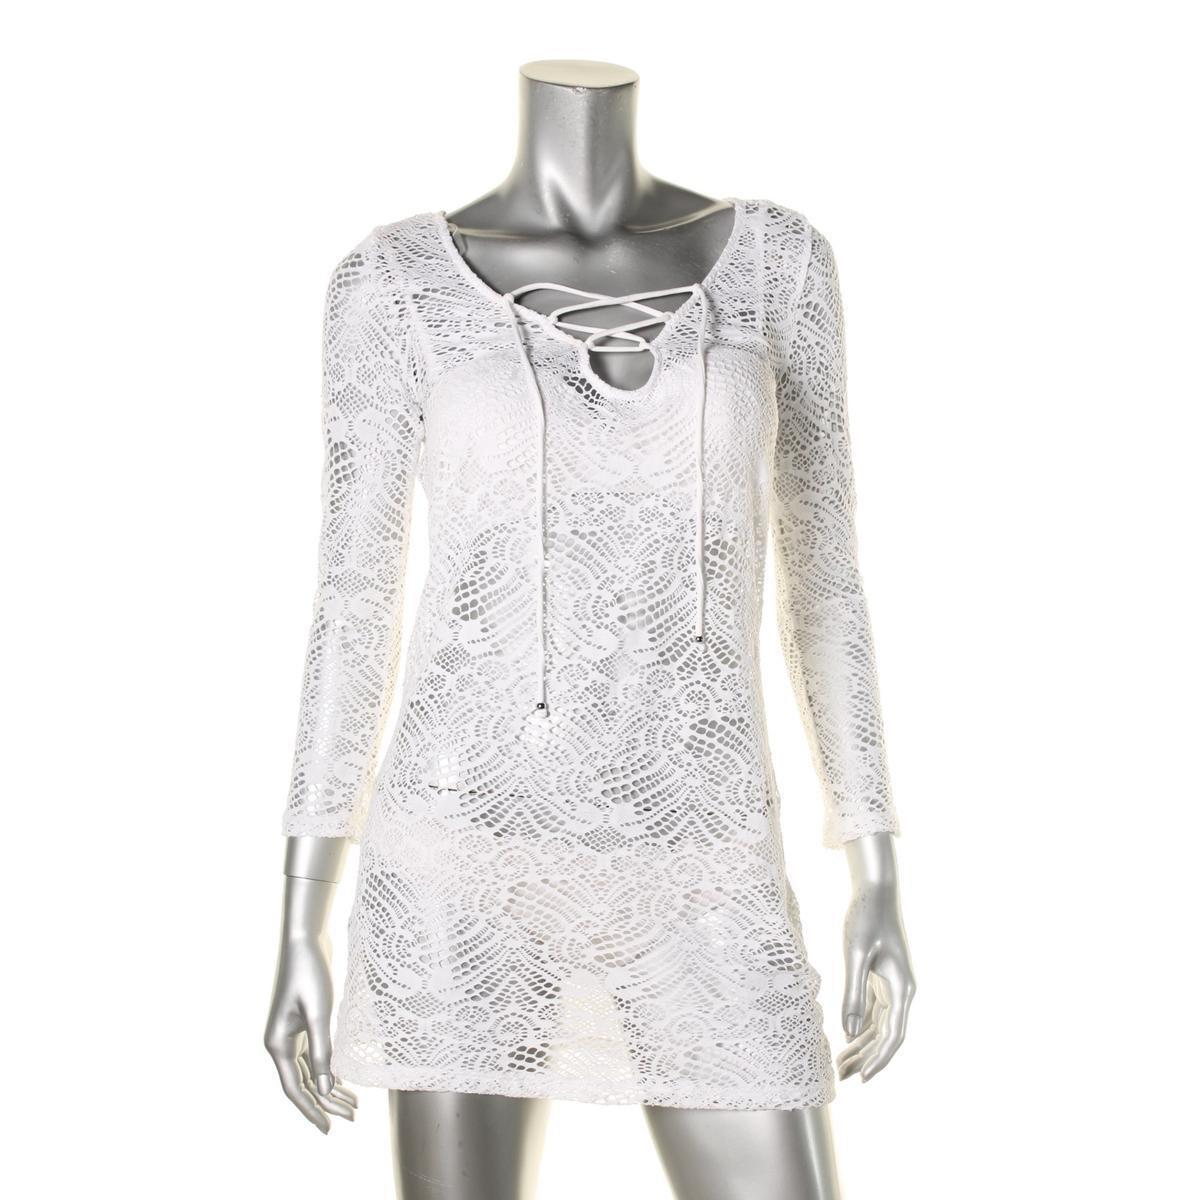 72daef306c Lyst - Polo Ralph Lauren Womens Crochet 3/4 Sleeves Dress Swim Cover ...